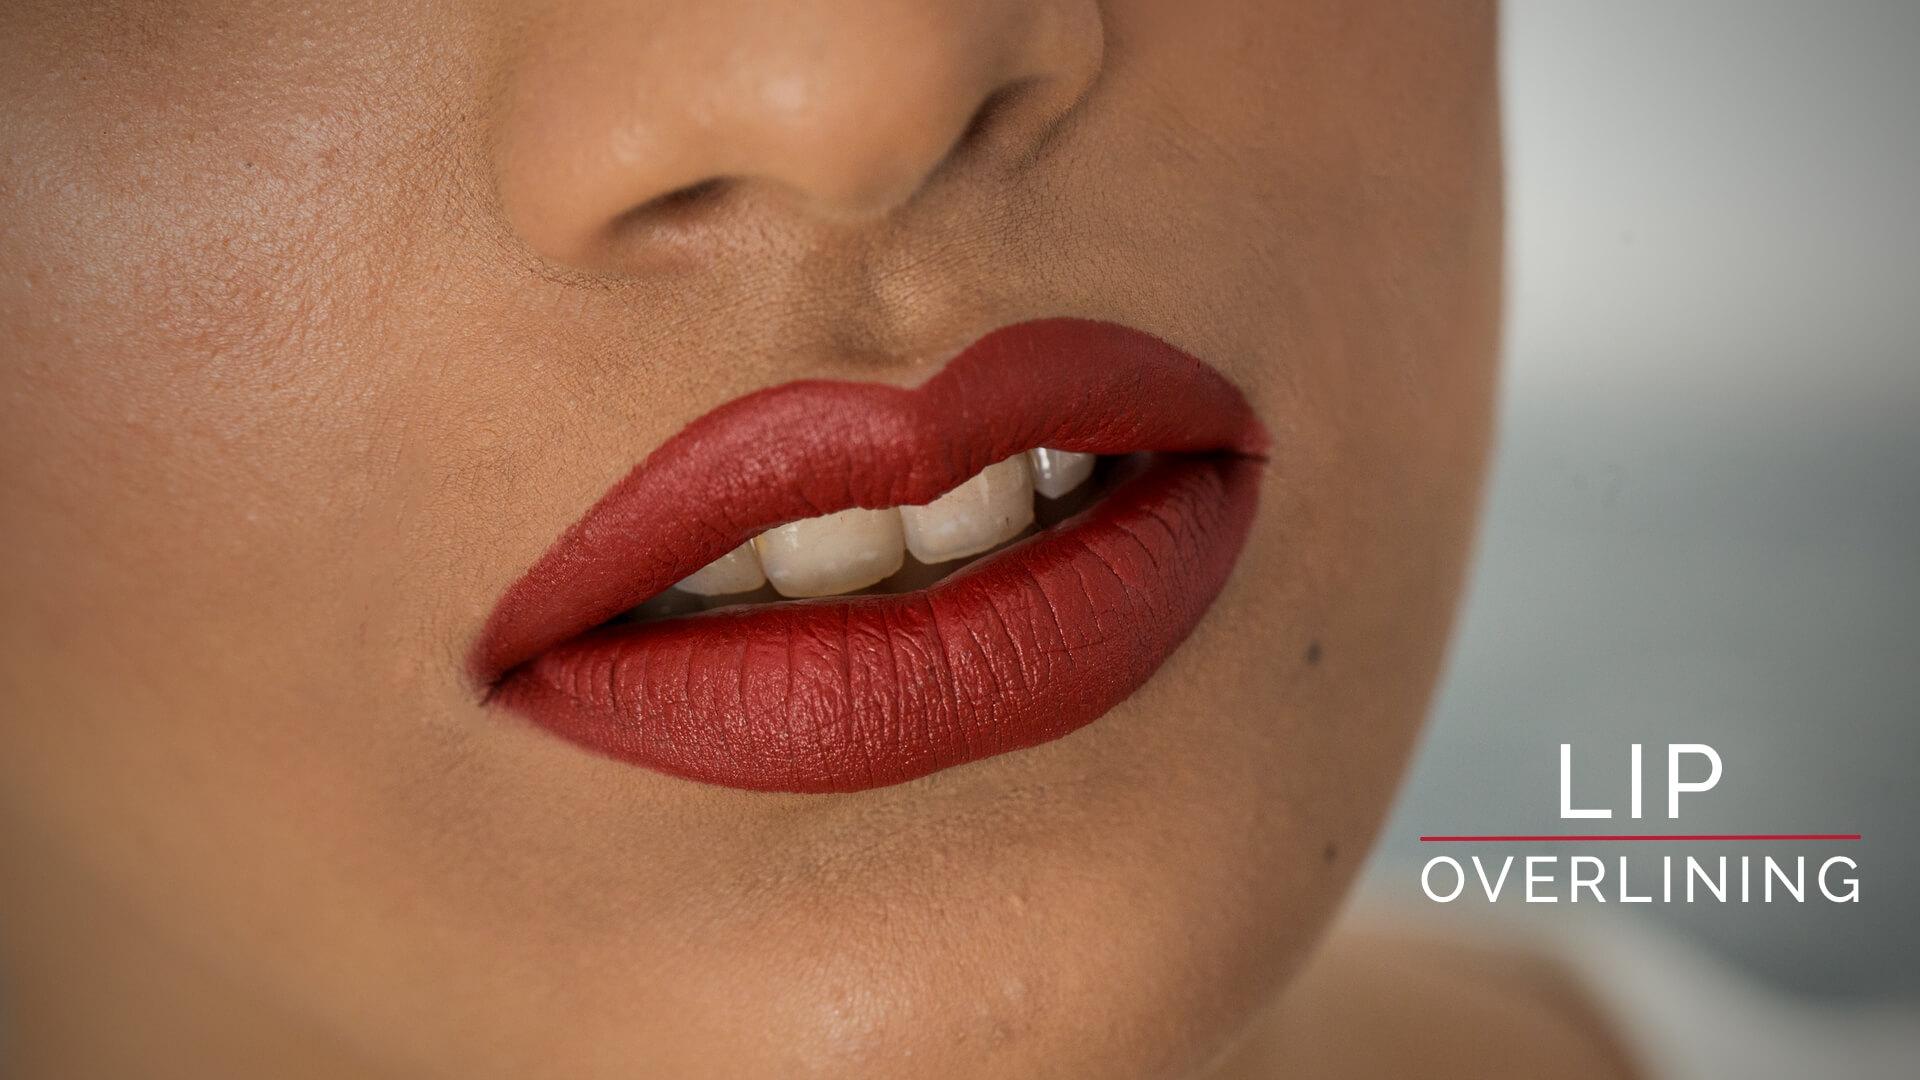 Lip Overlining